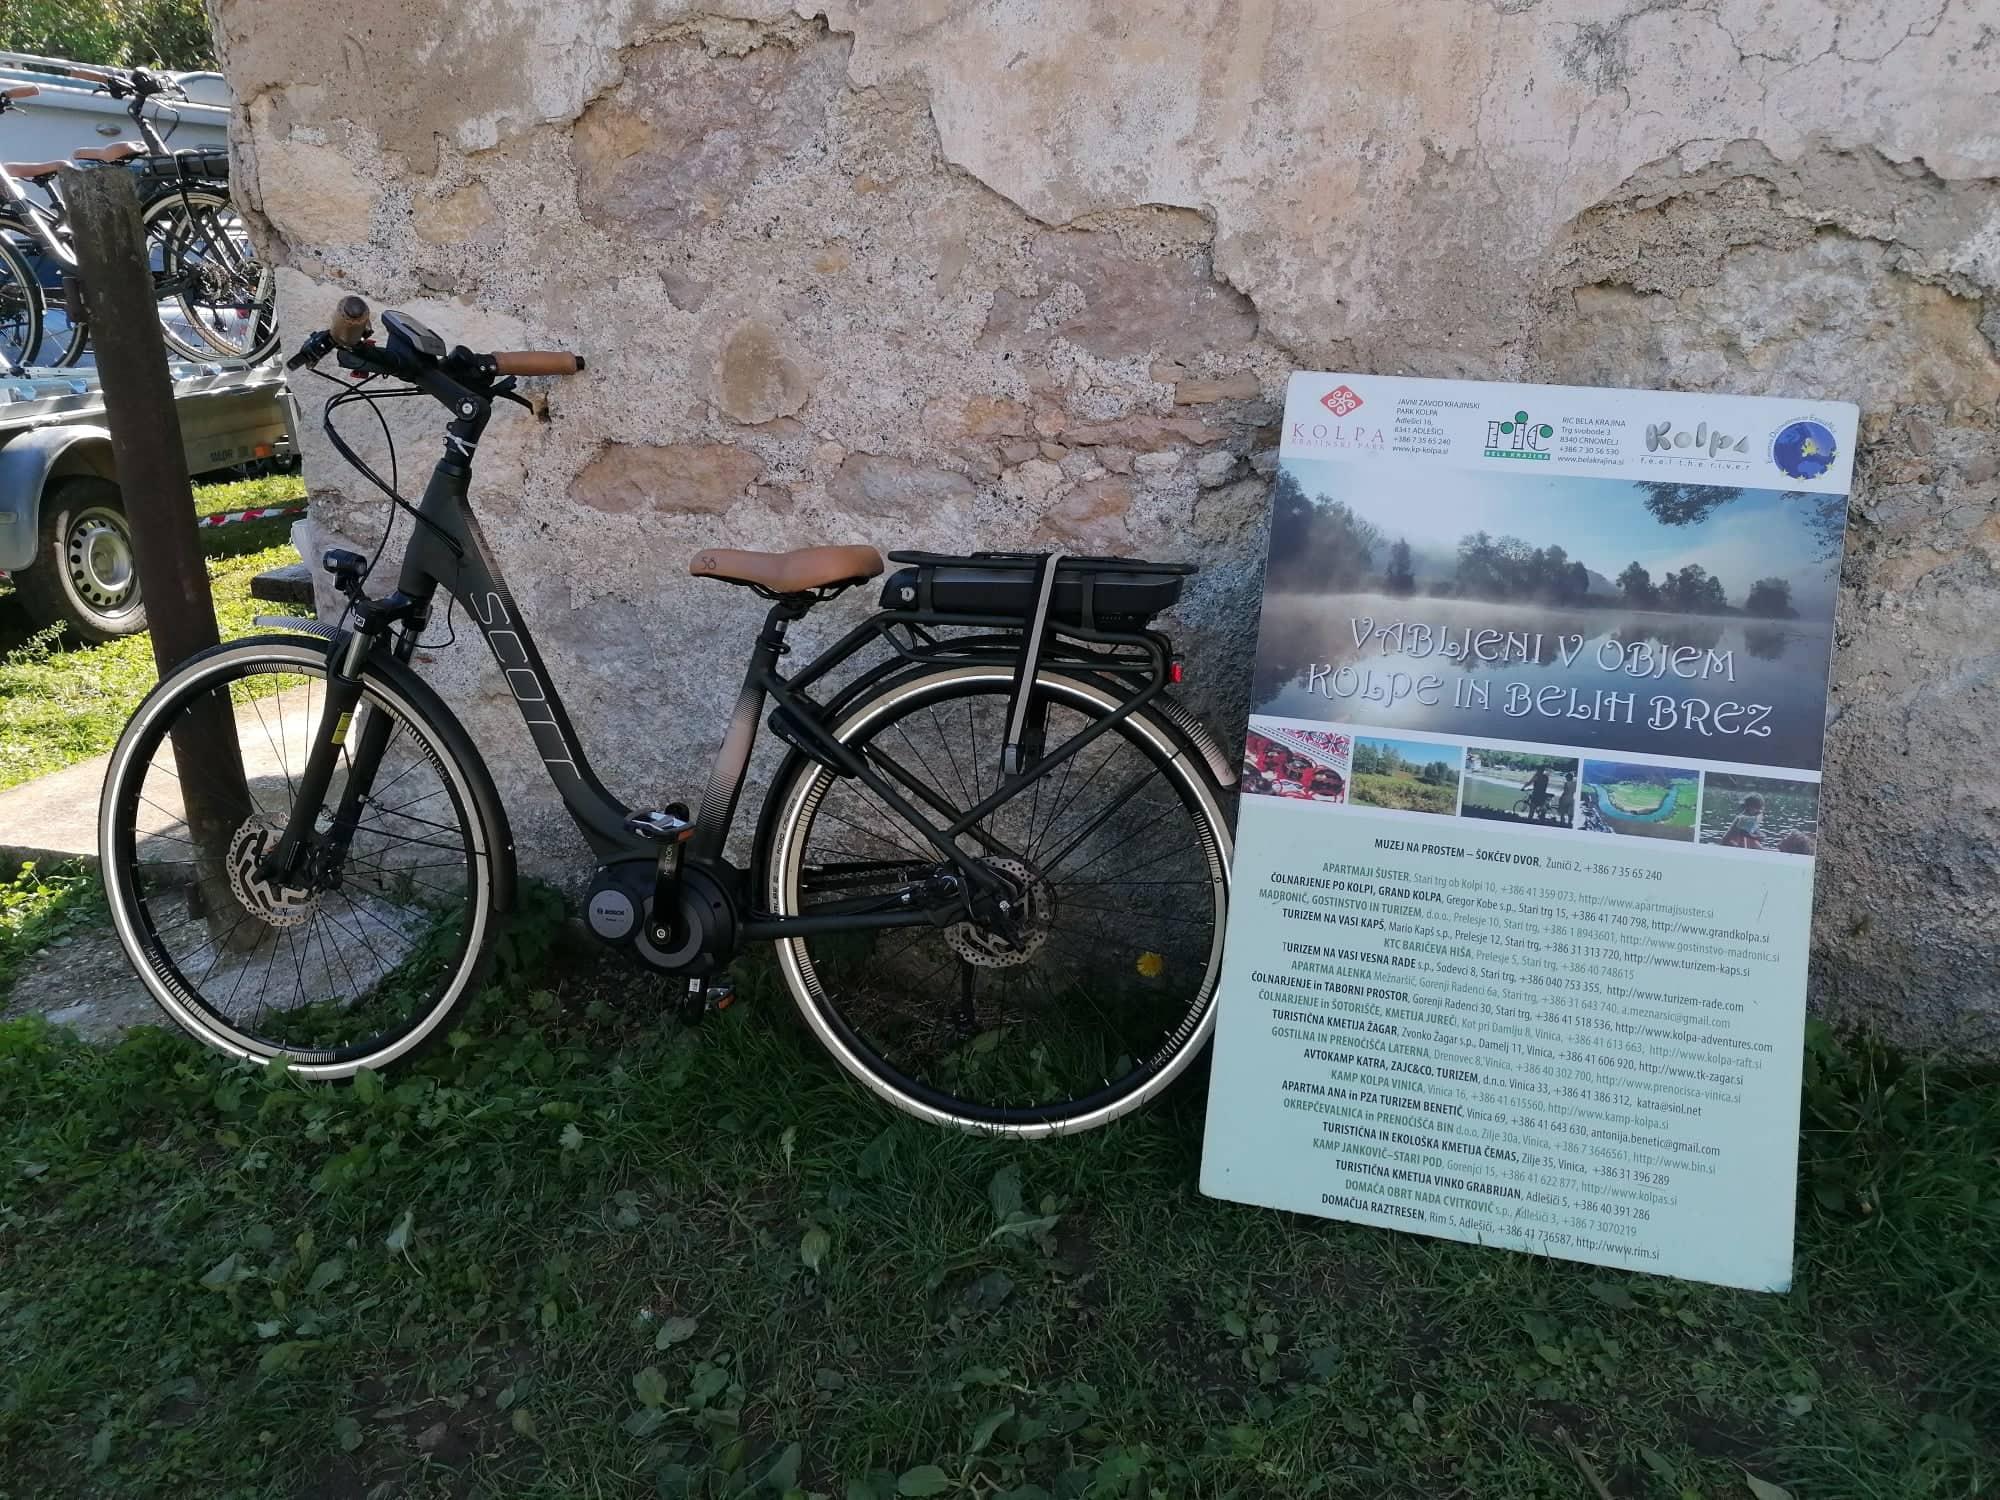 izposoja-električnih-koles-PKJ-2019-3